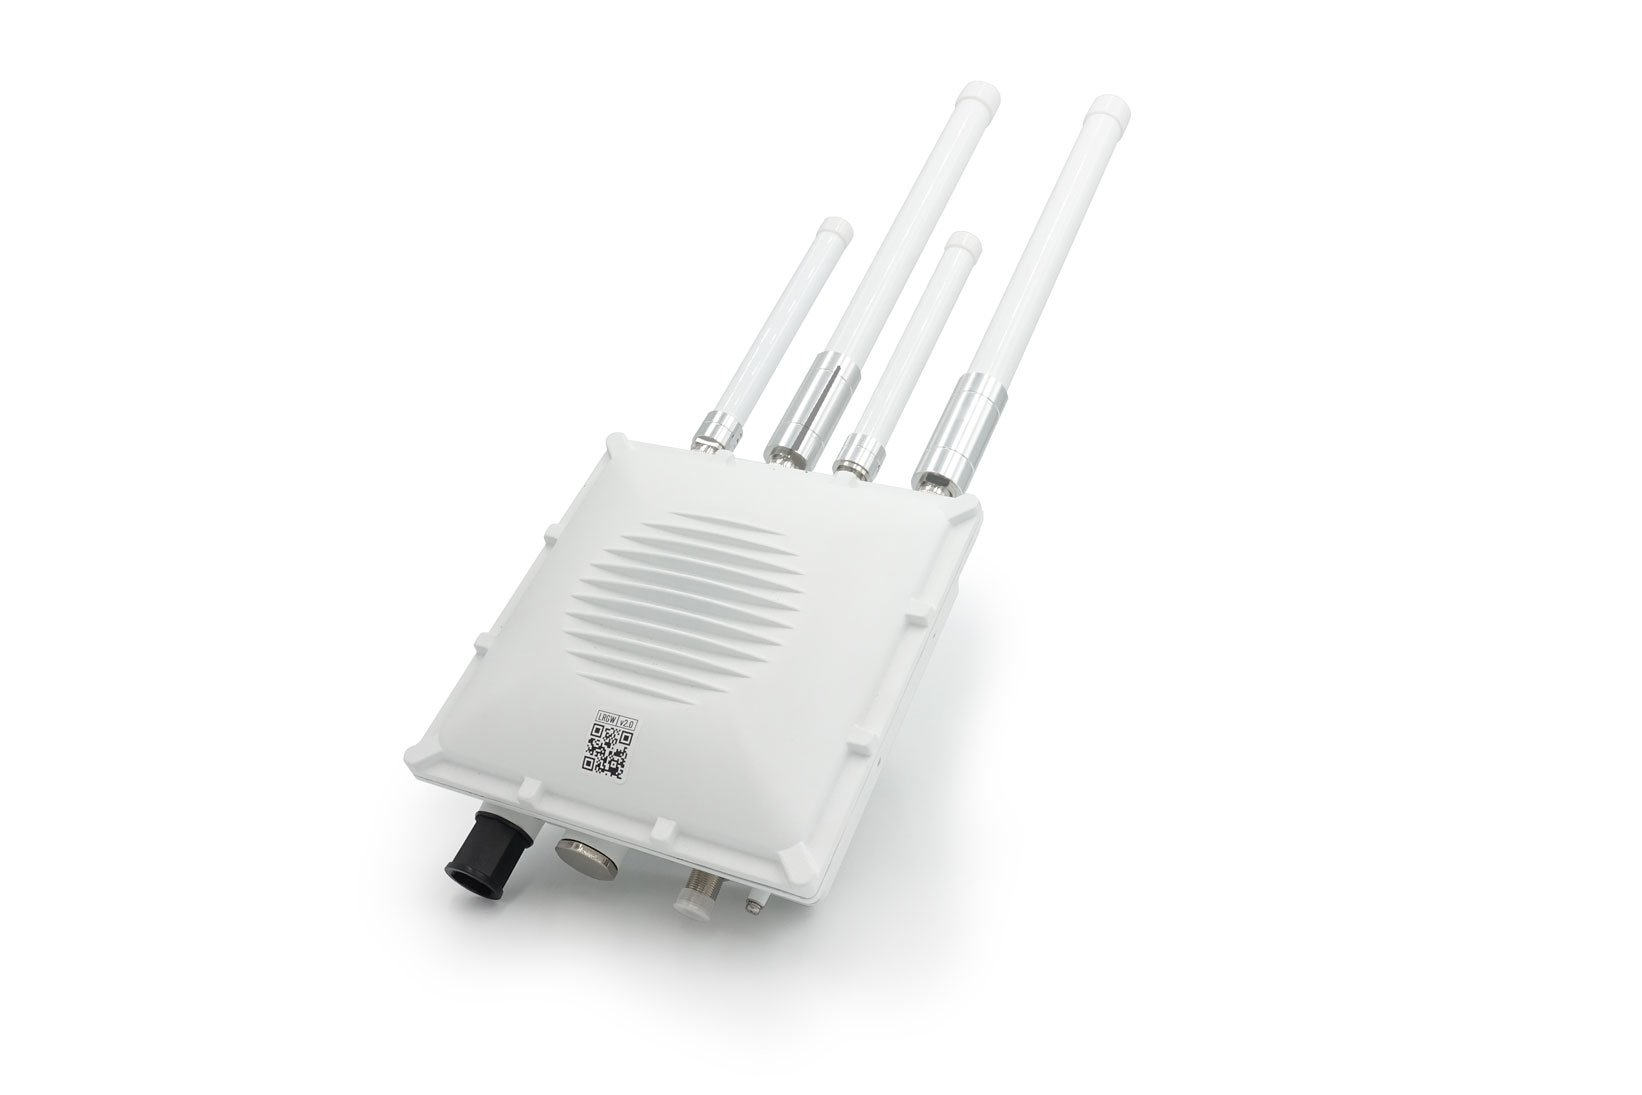 Wifi/4G/LoRa Gateway